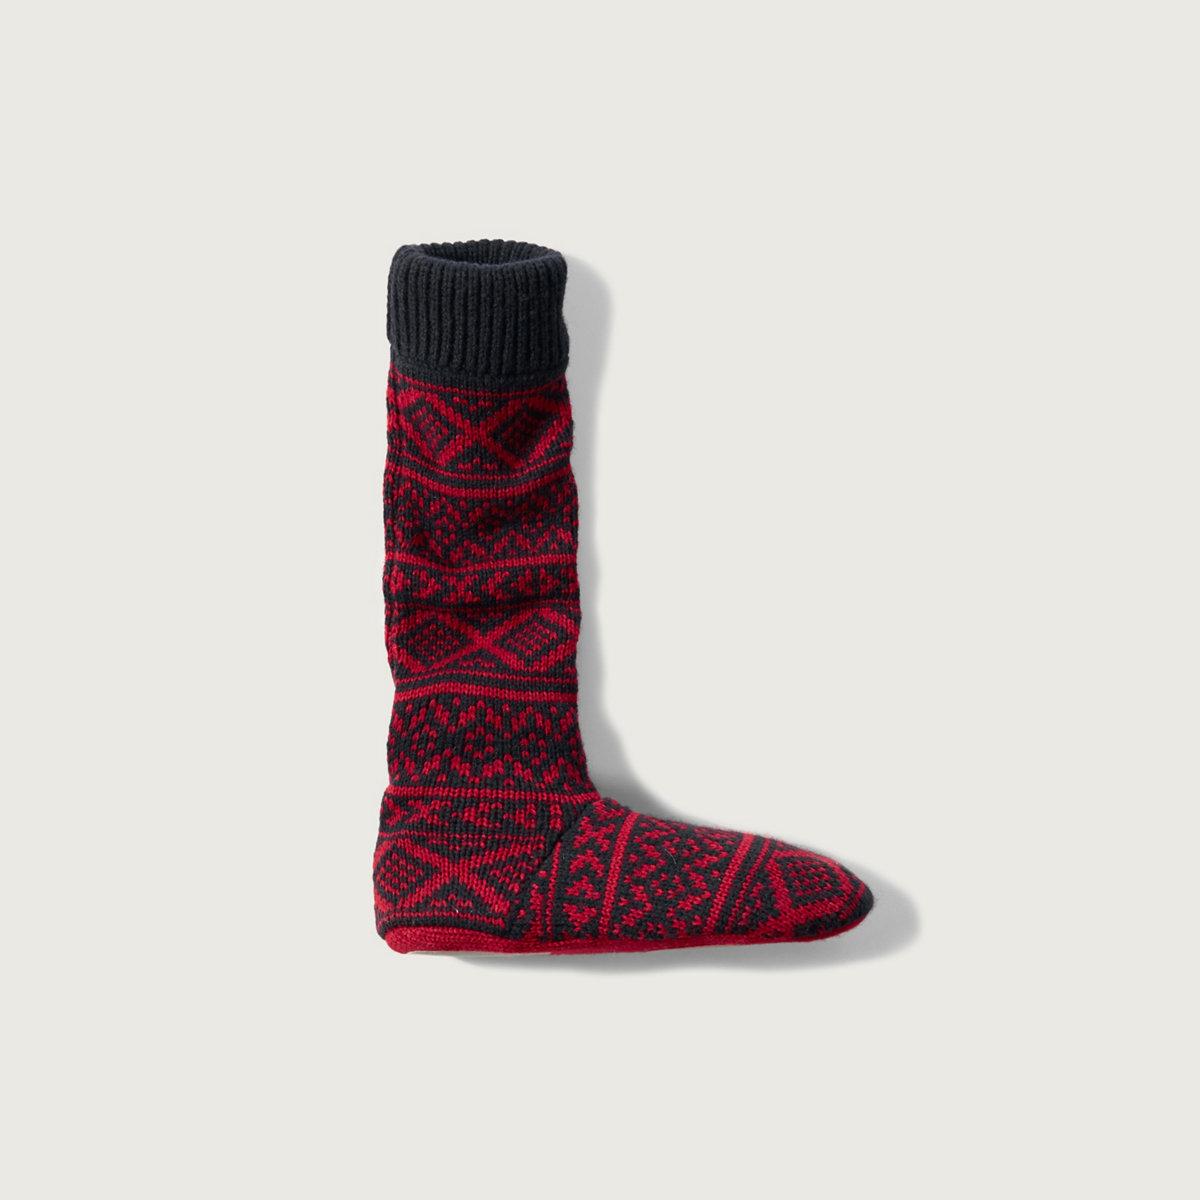 Patterned Slipper Socks